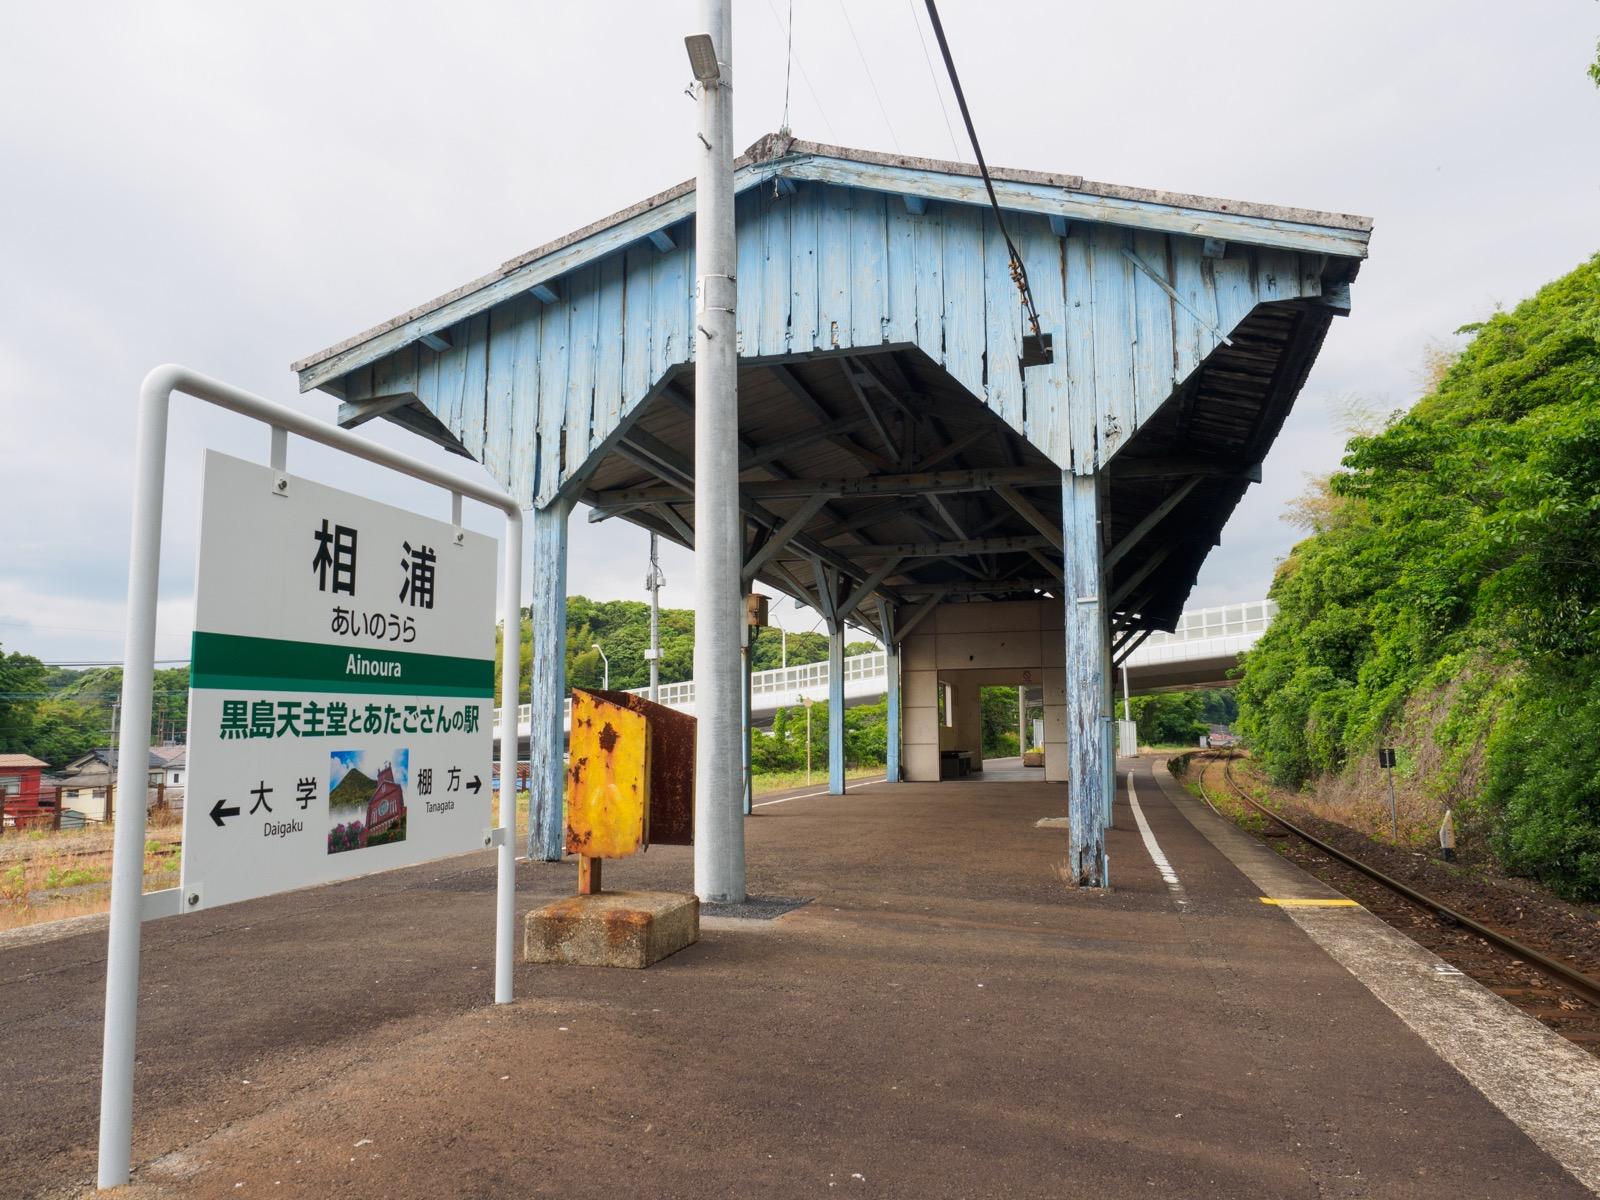 相浦駅のホーム